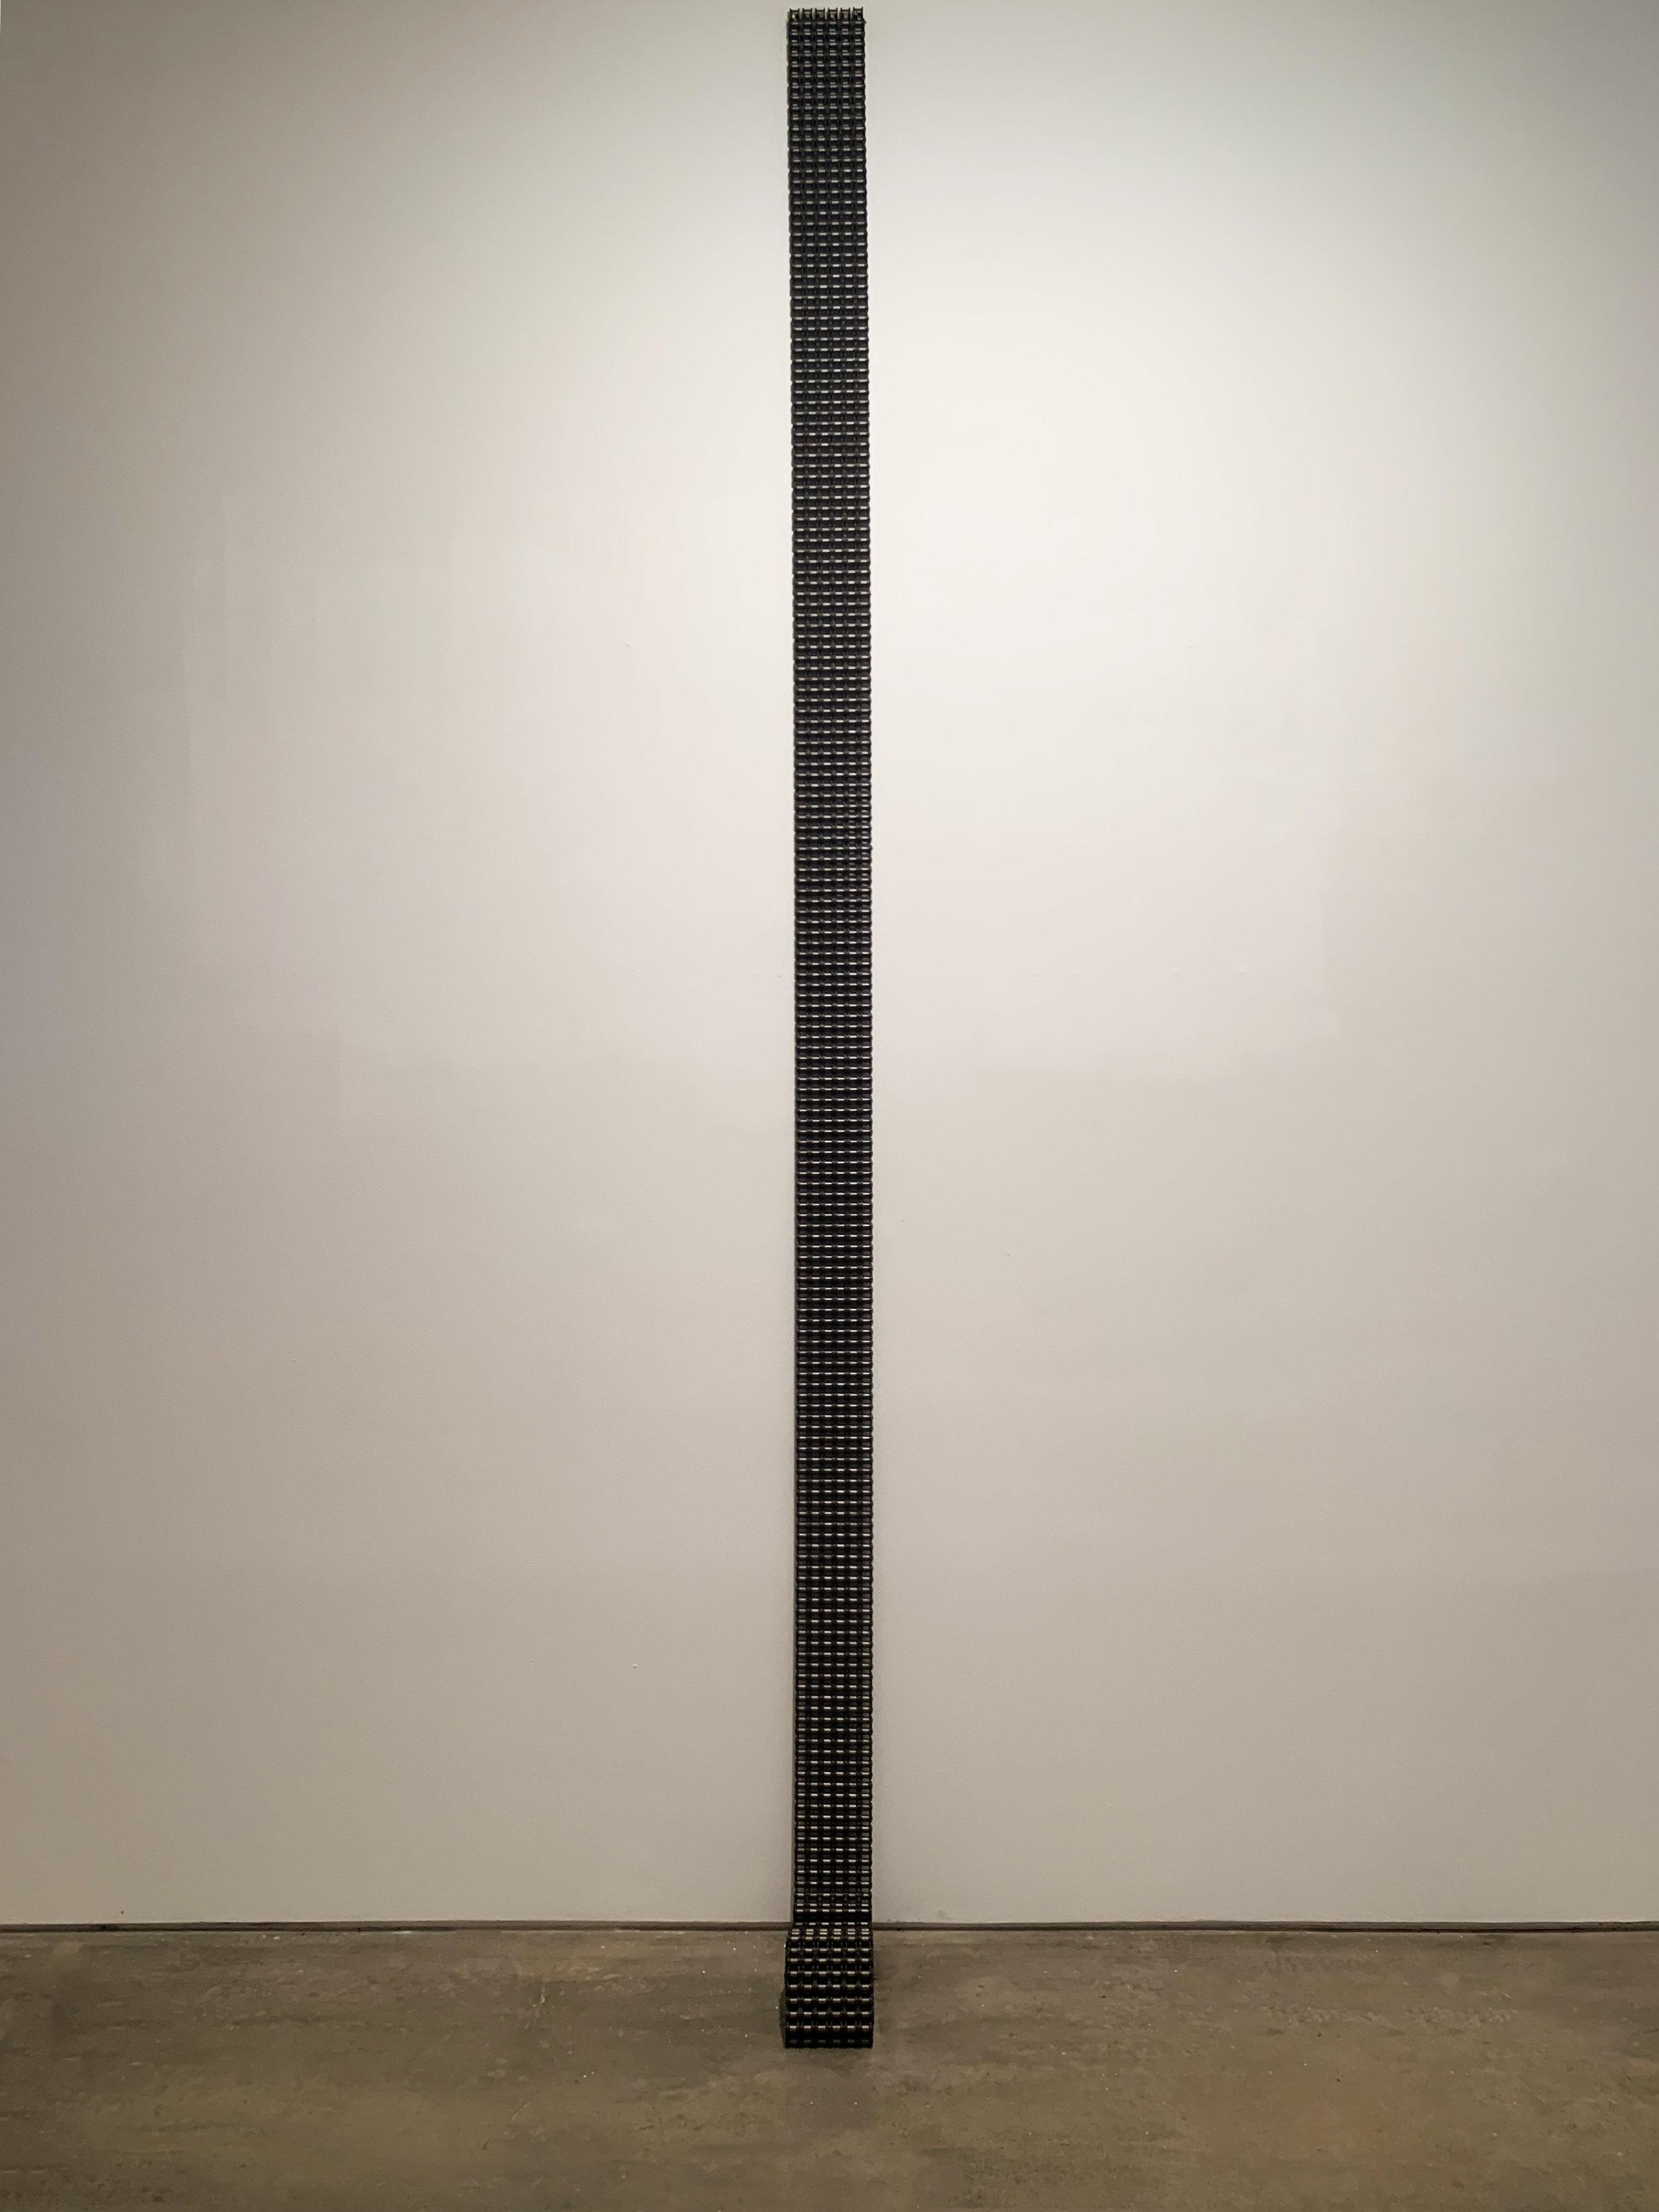 Franz-Klainsek_CHAINS-Chain-sculpture-installation-002.jpg